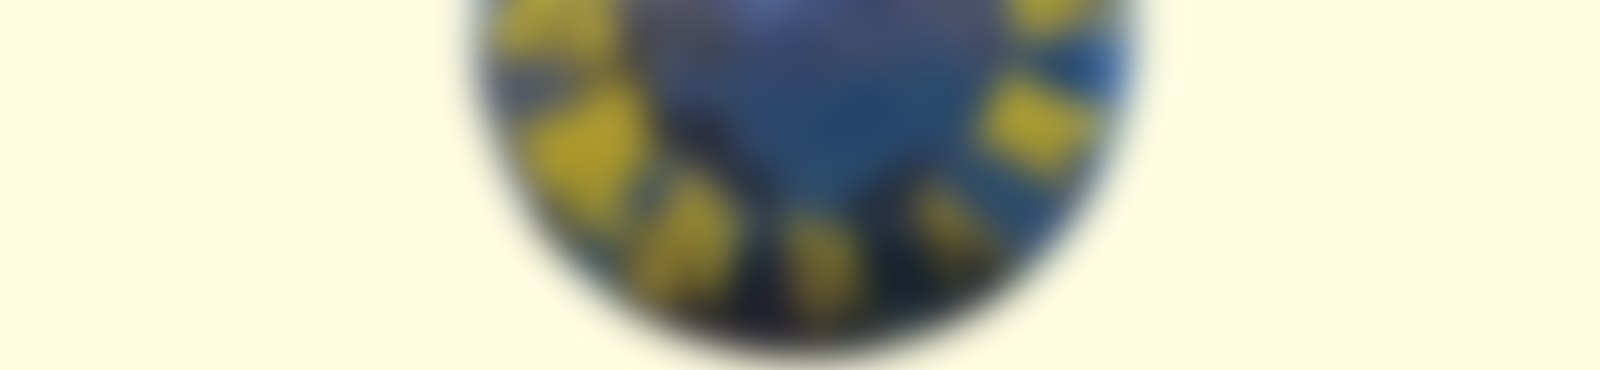 Blurred 529173 617443698306641 1969223881 n